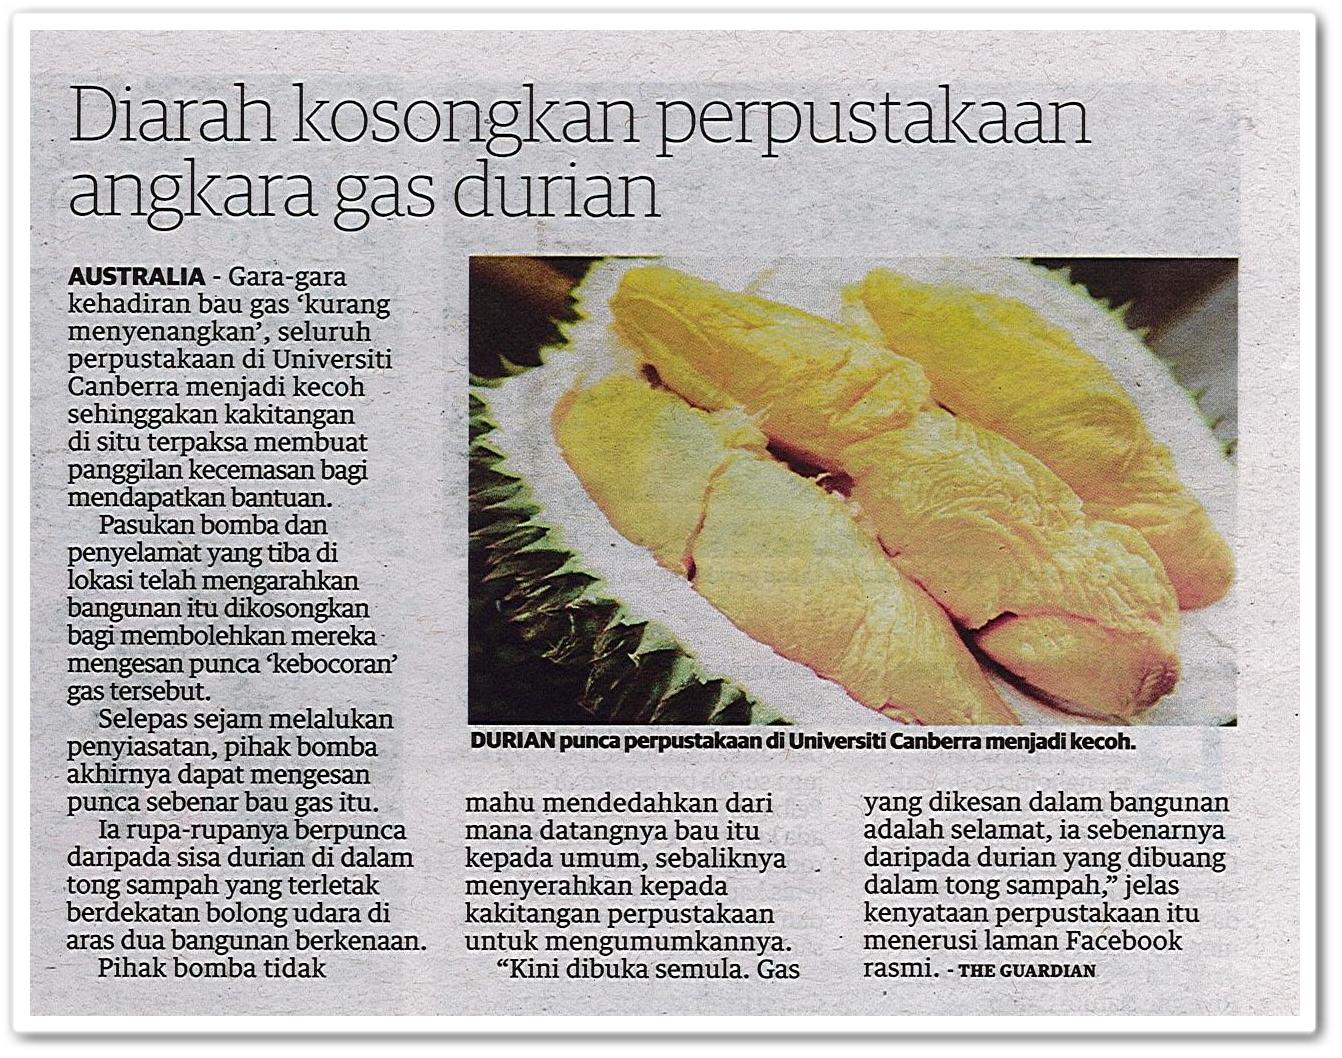 Diarah kosongkan perpustakaan angkara gas durian - Keratan akhbar Utusan Malaysia 18 Mei 2019